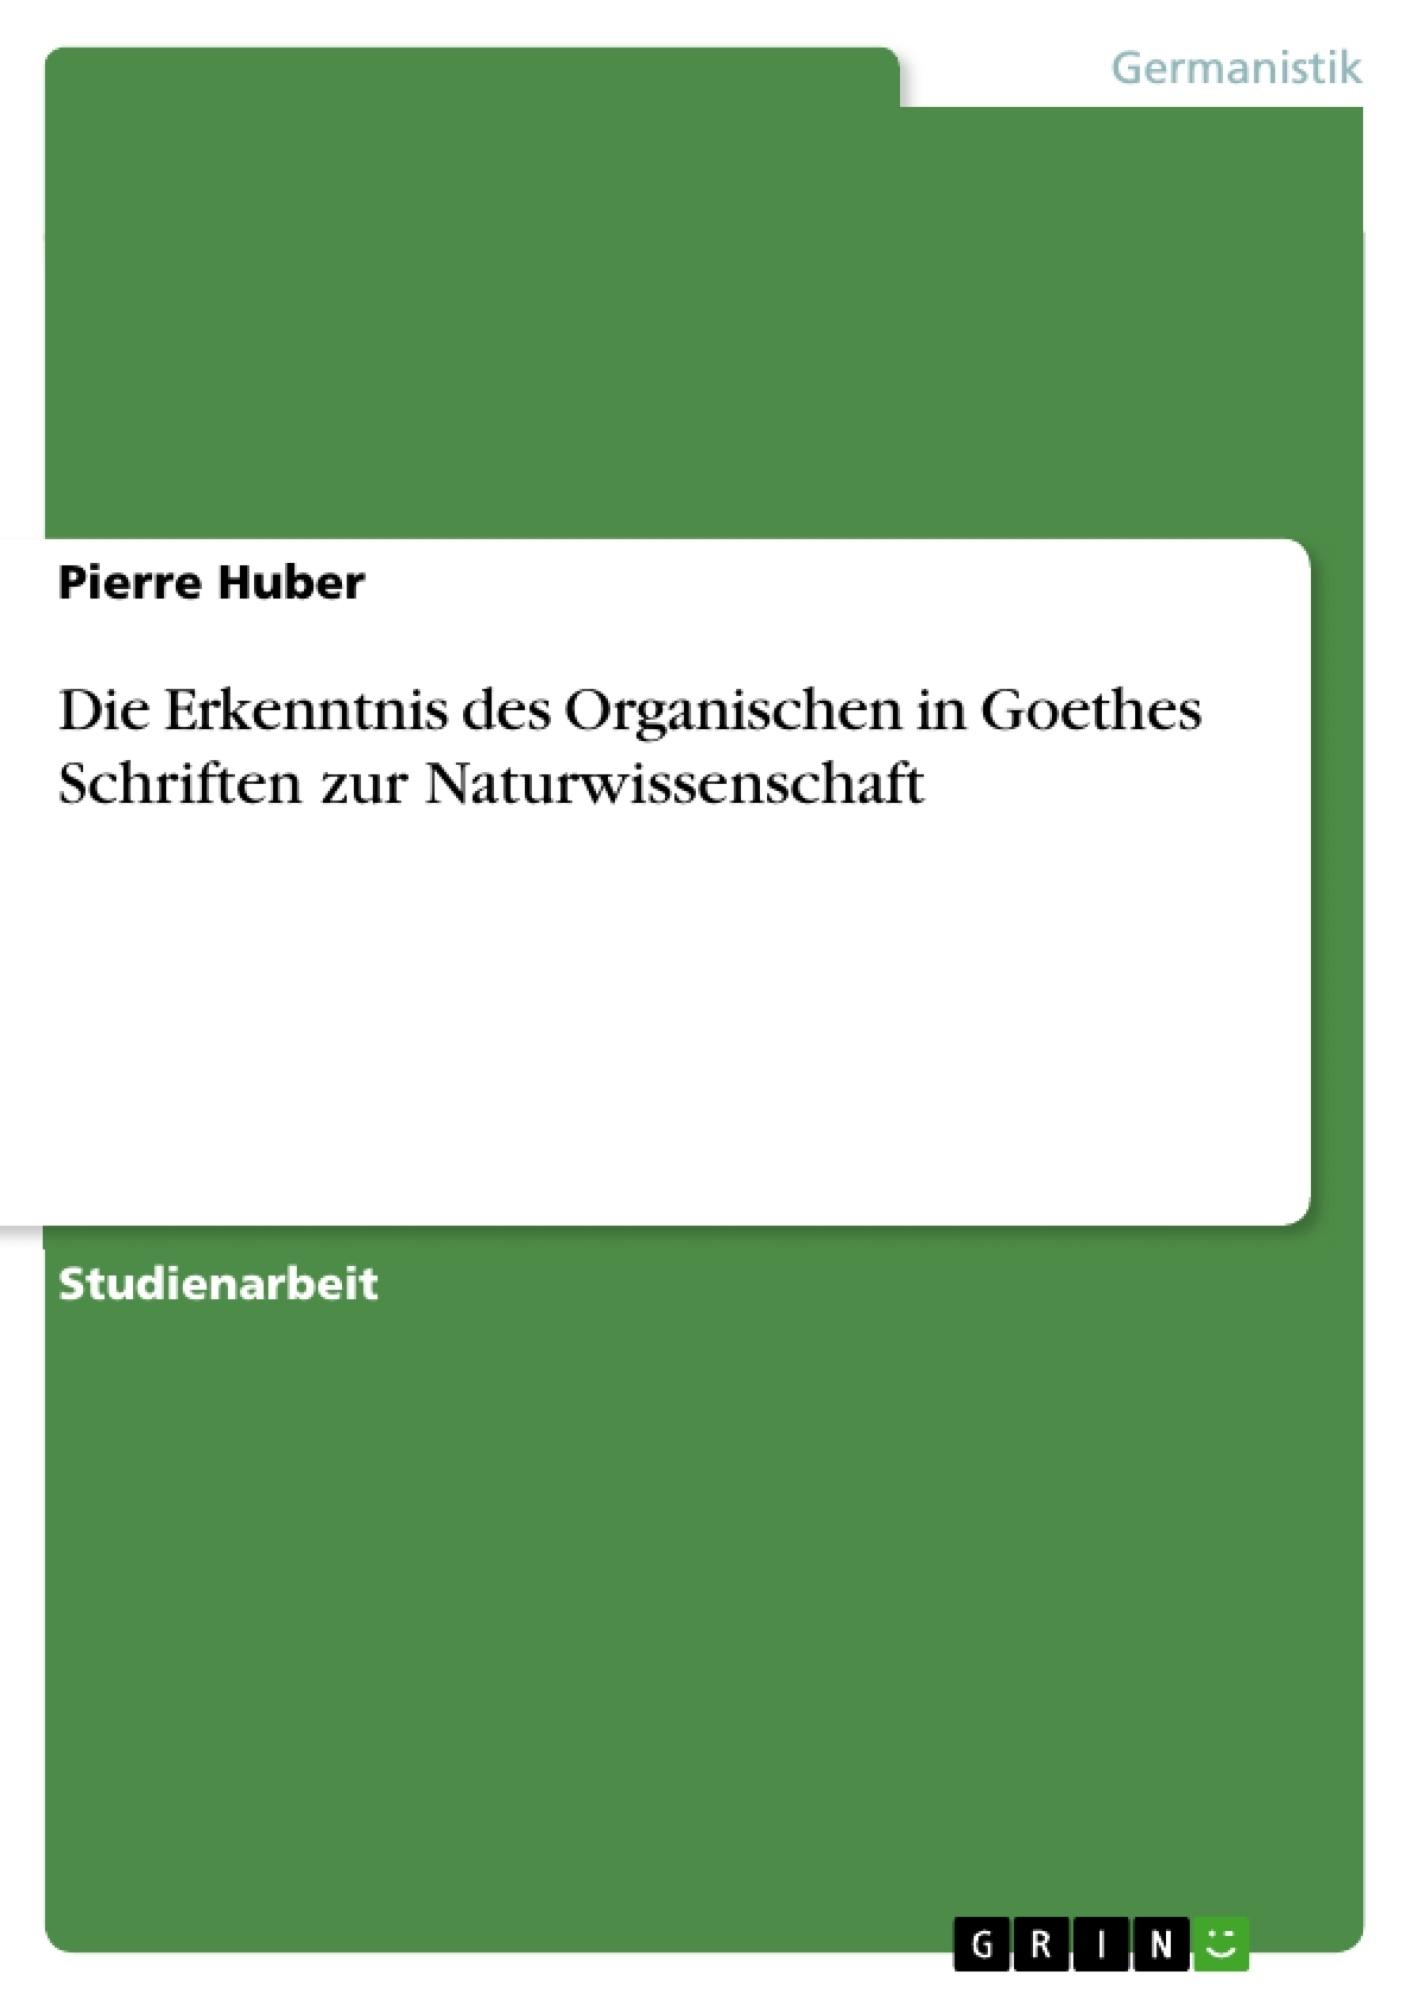 Titel: Die Erkenntnis des Organischen in Goethes Schriften zur Naturwissenschaft